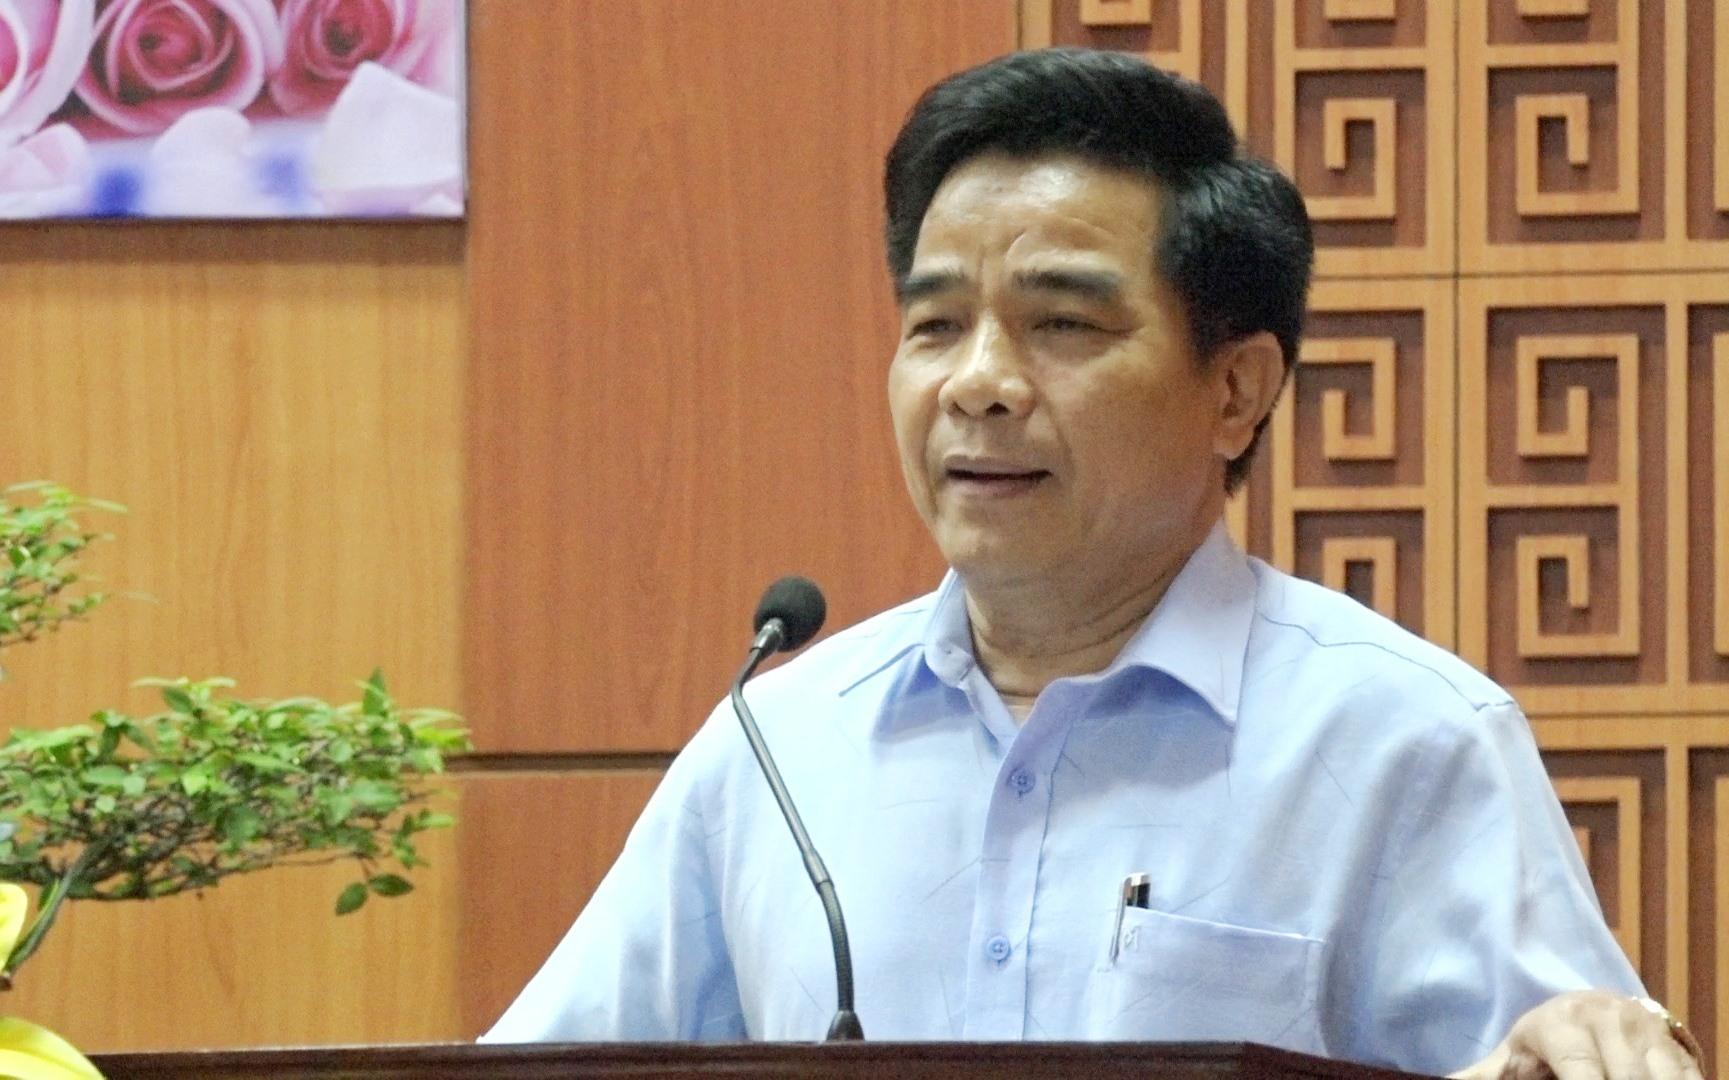 Phó Bí thư Thường trực Tỉnh ủy Lê Văn Dũng phát biểu tại hội nghị. Ảnh: M.L